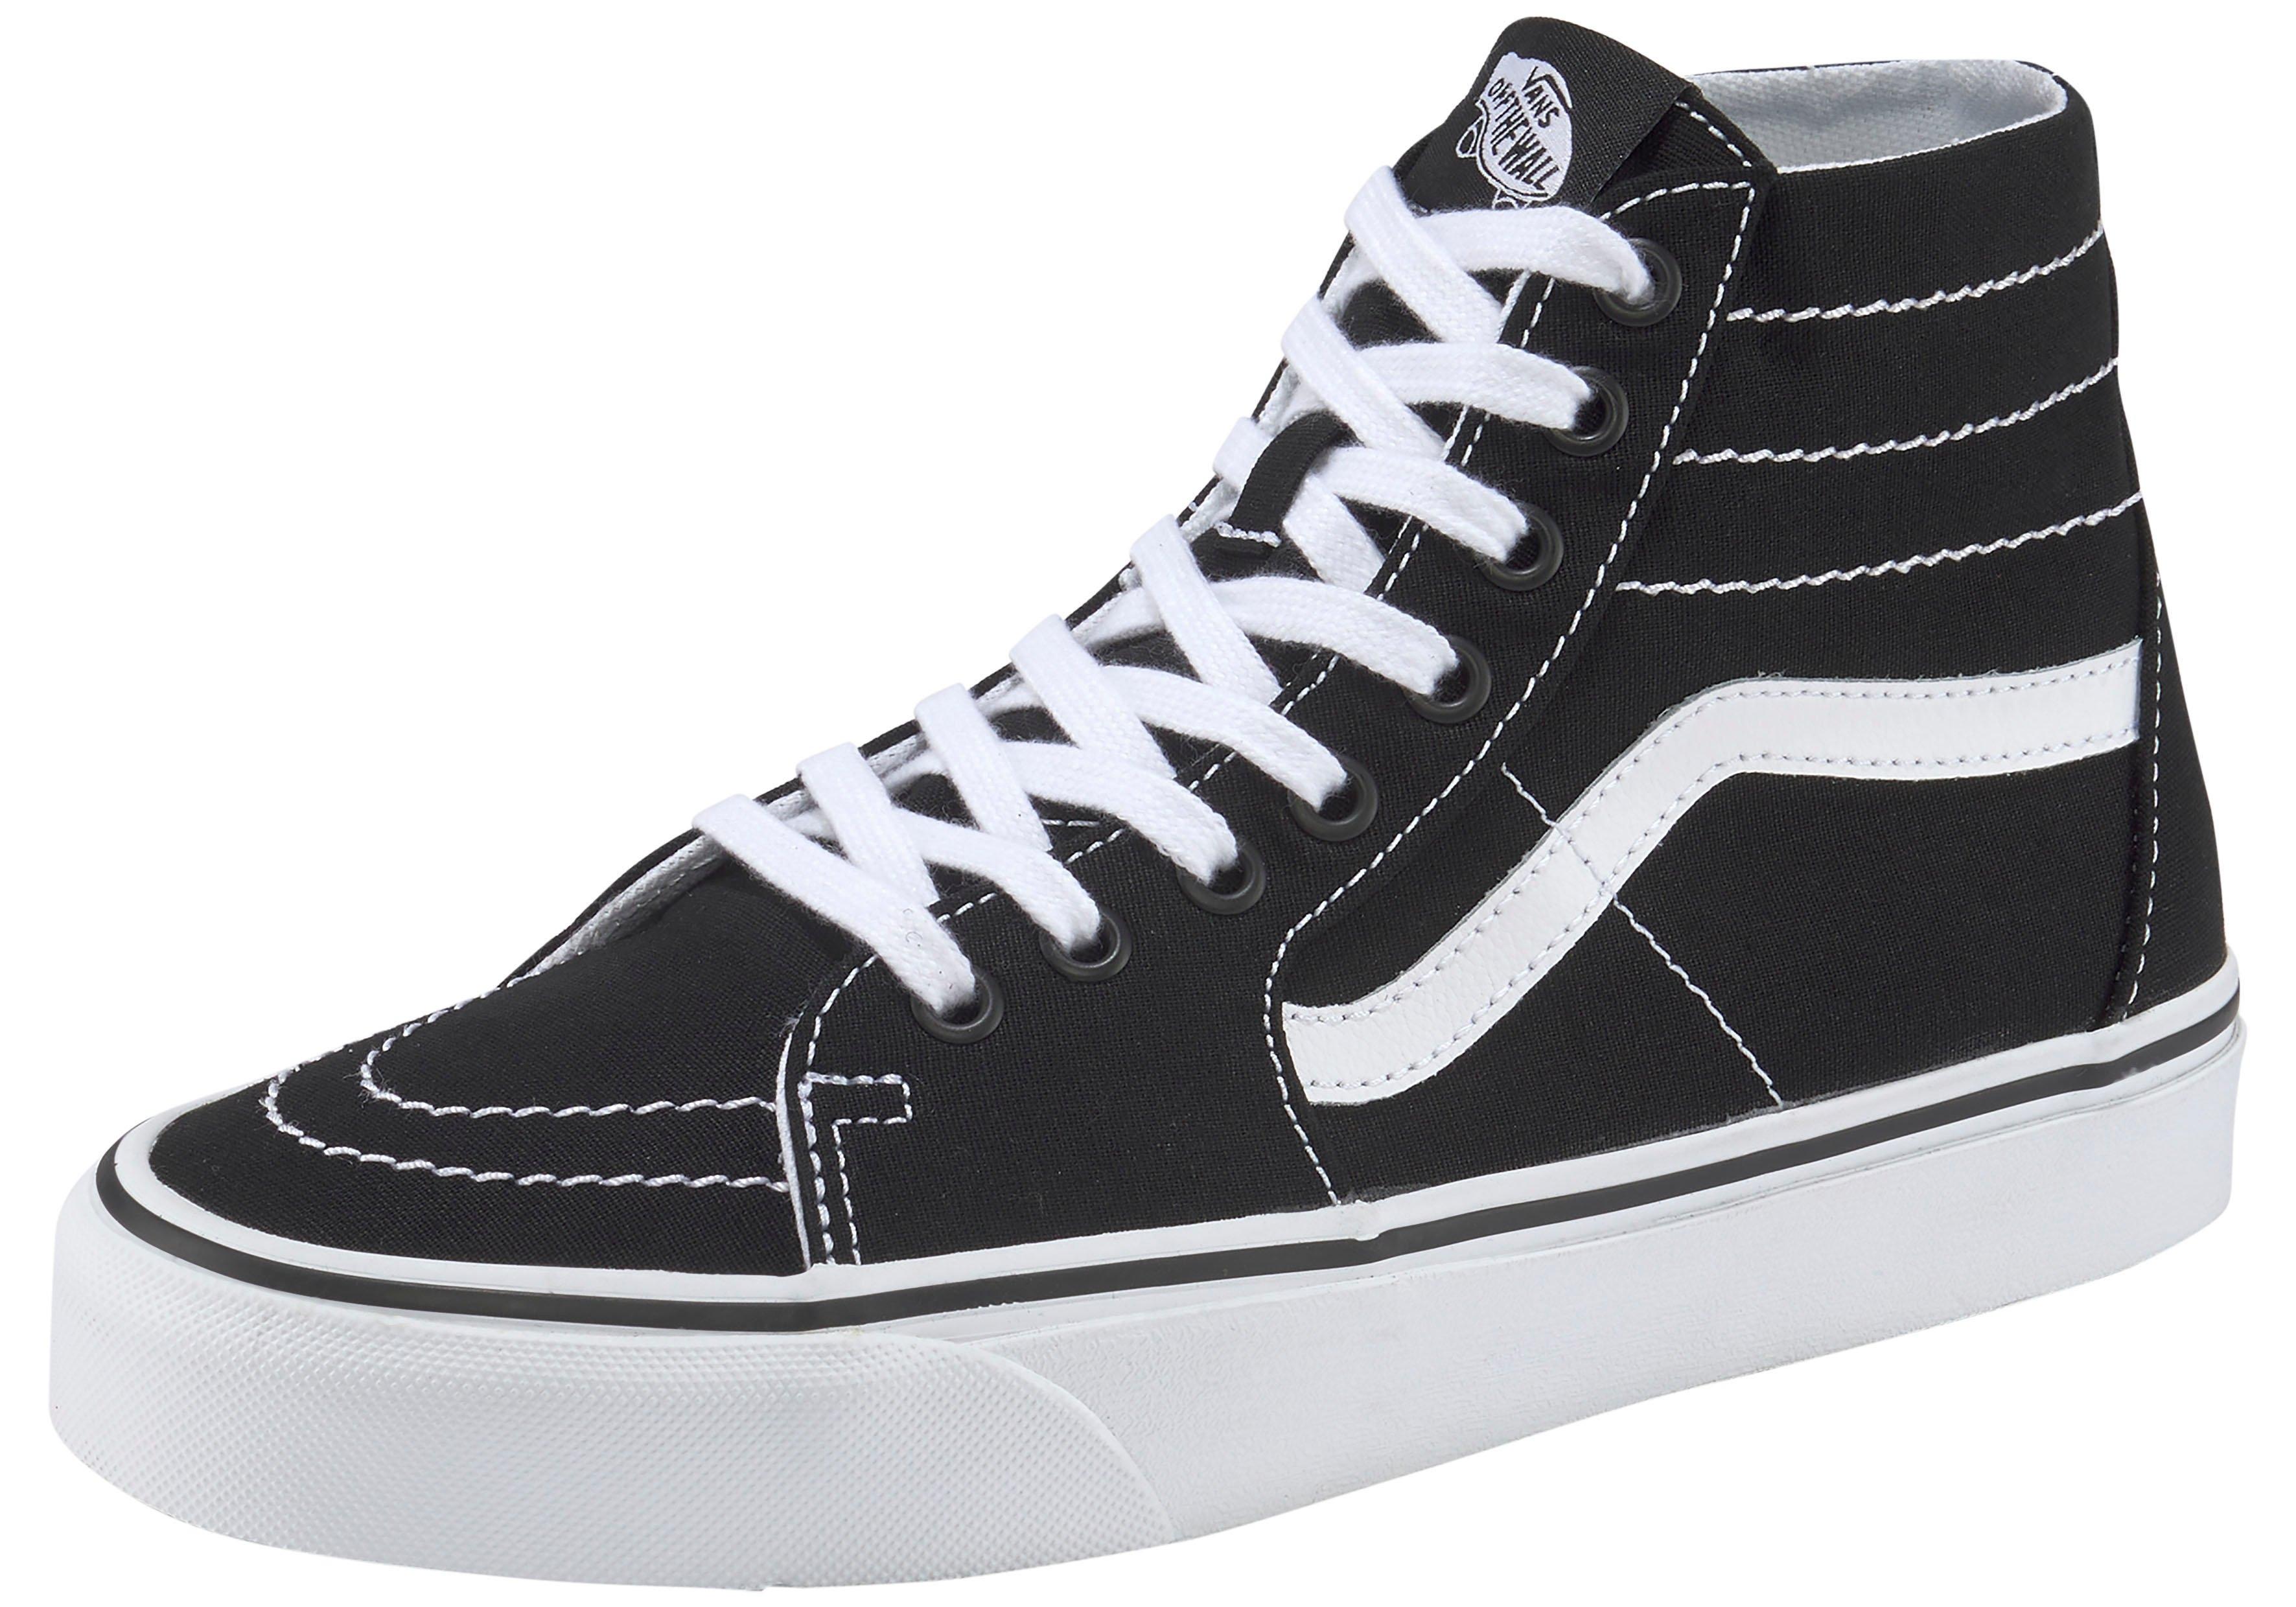 Vans sneakers SK8-Hi Tapered - gratis ruilen op otto.nl